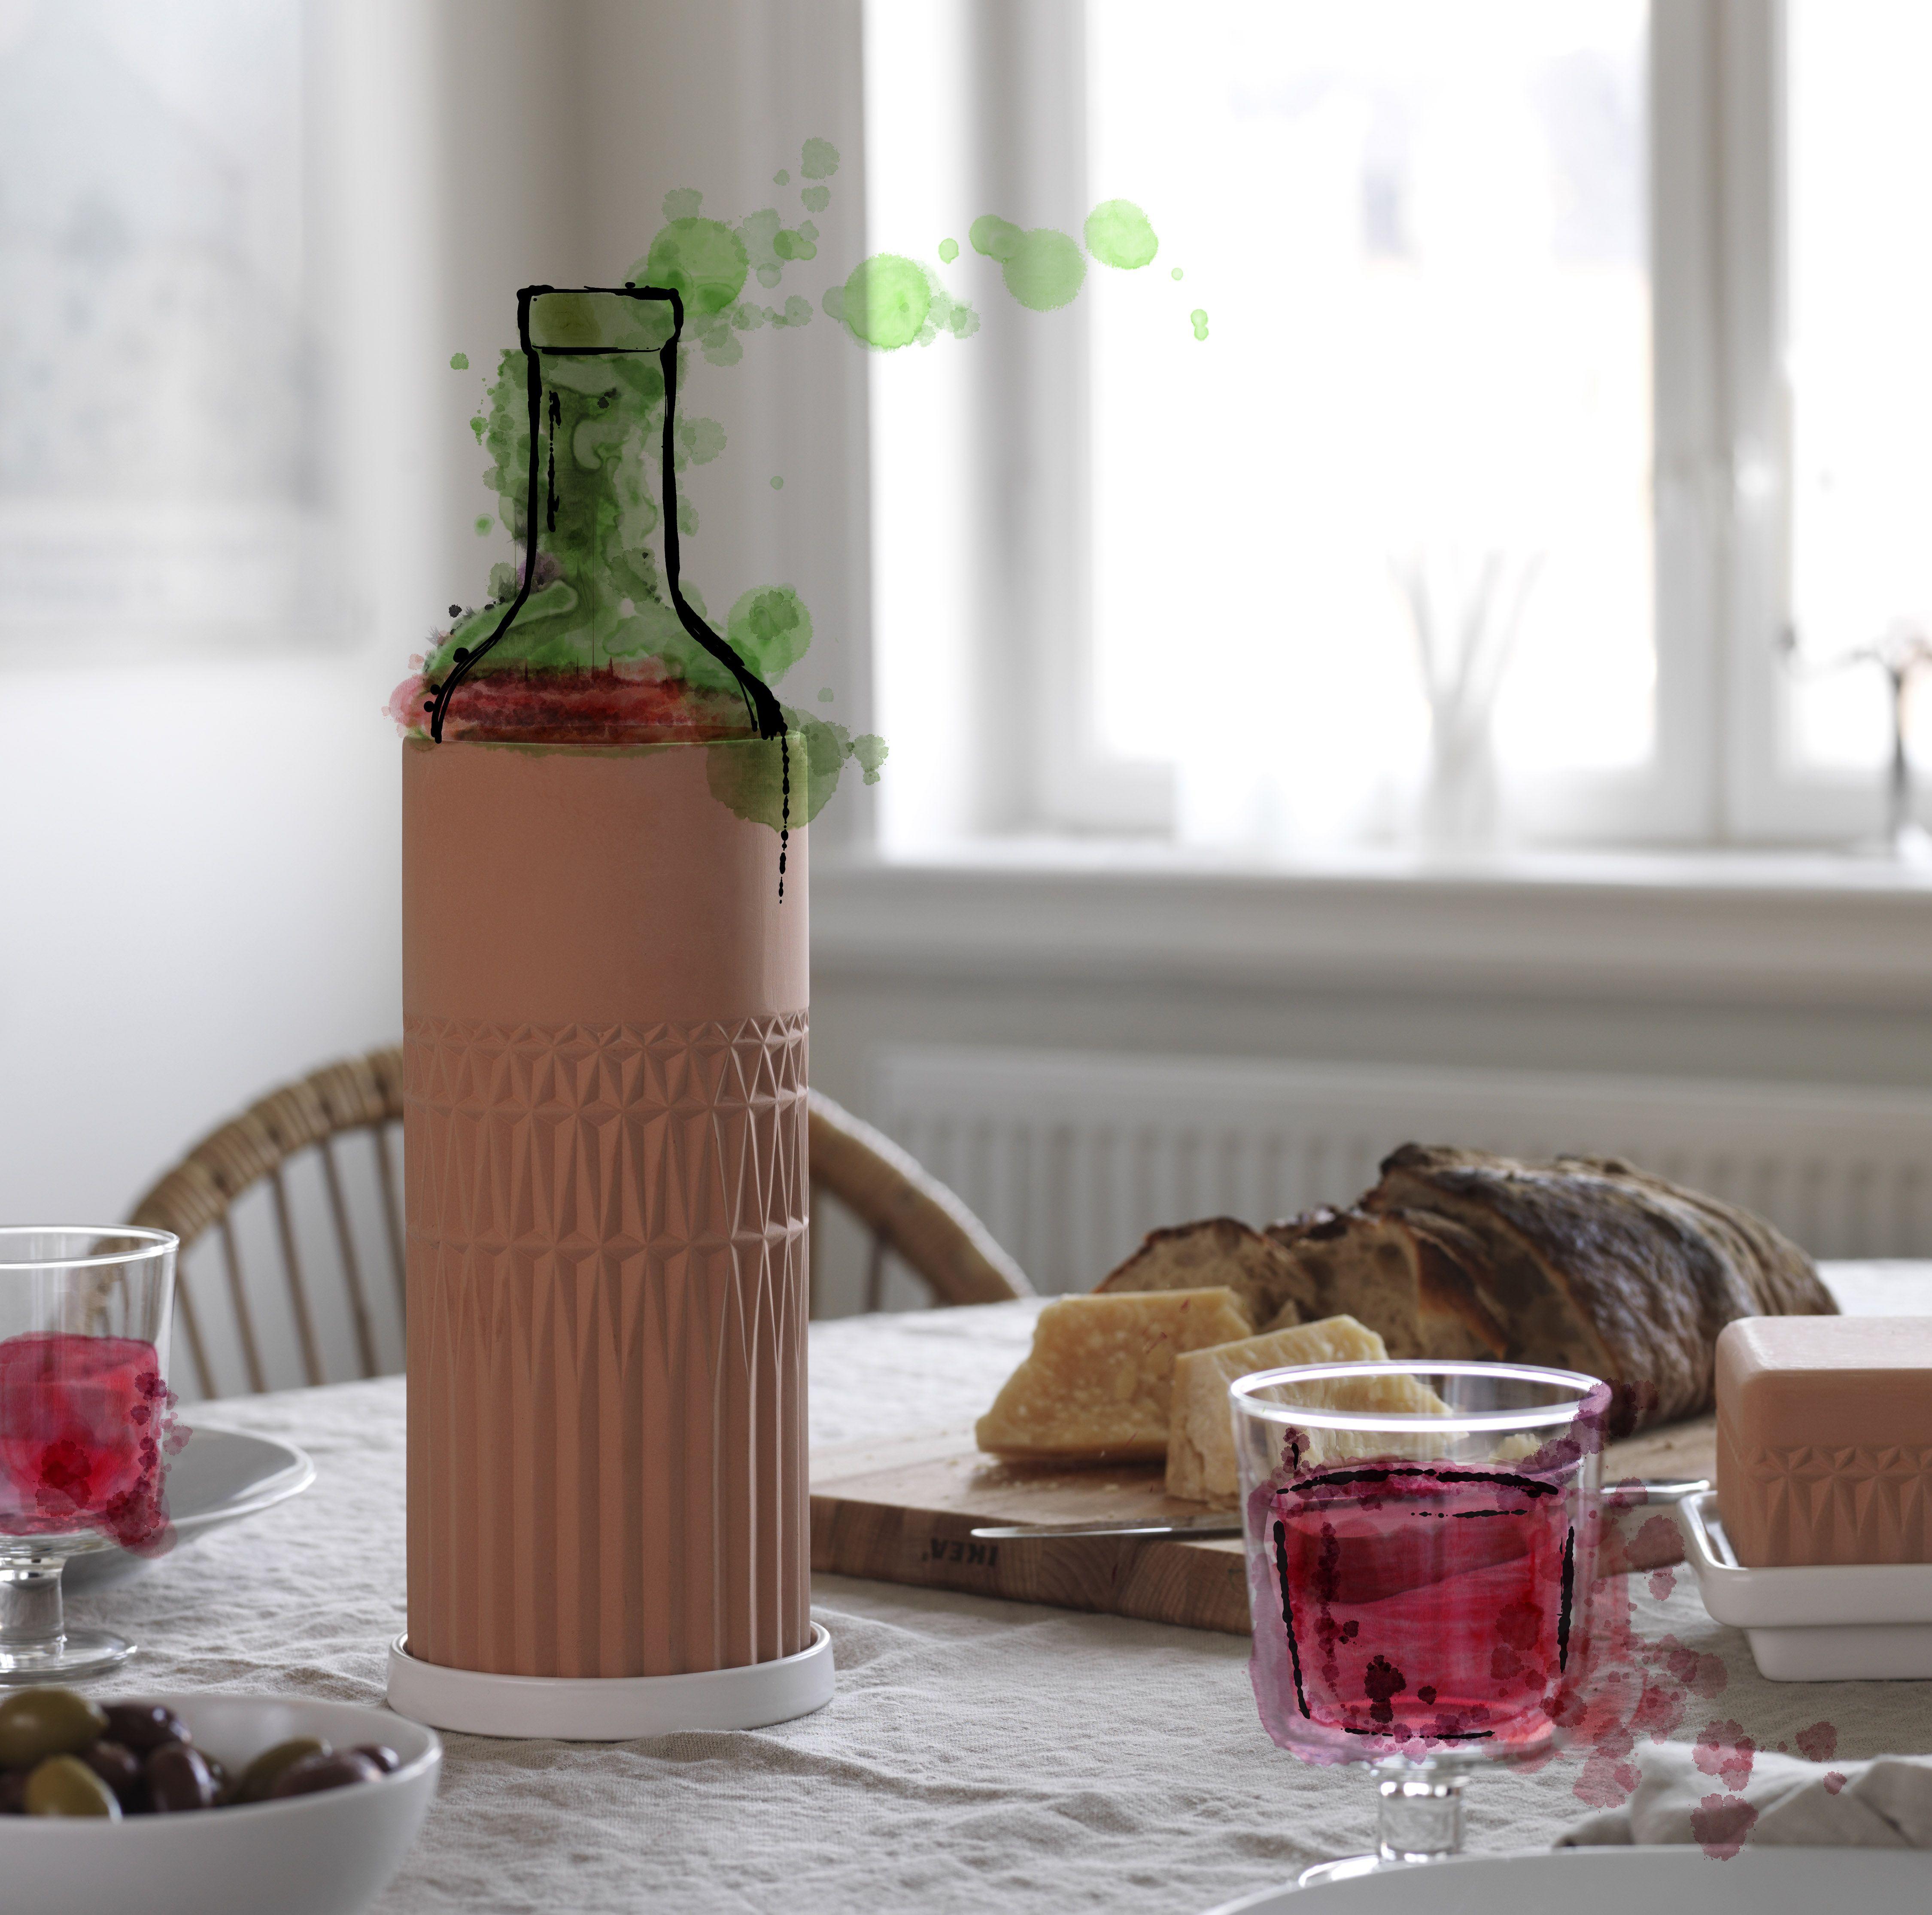 Anv Ndbar Wijnkoeler - #Nieuw #Collectie #Ikea #Ikeanl #Terracotta #Koelen